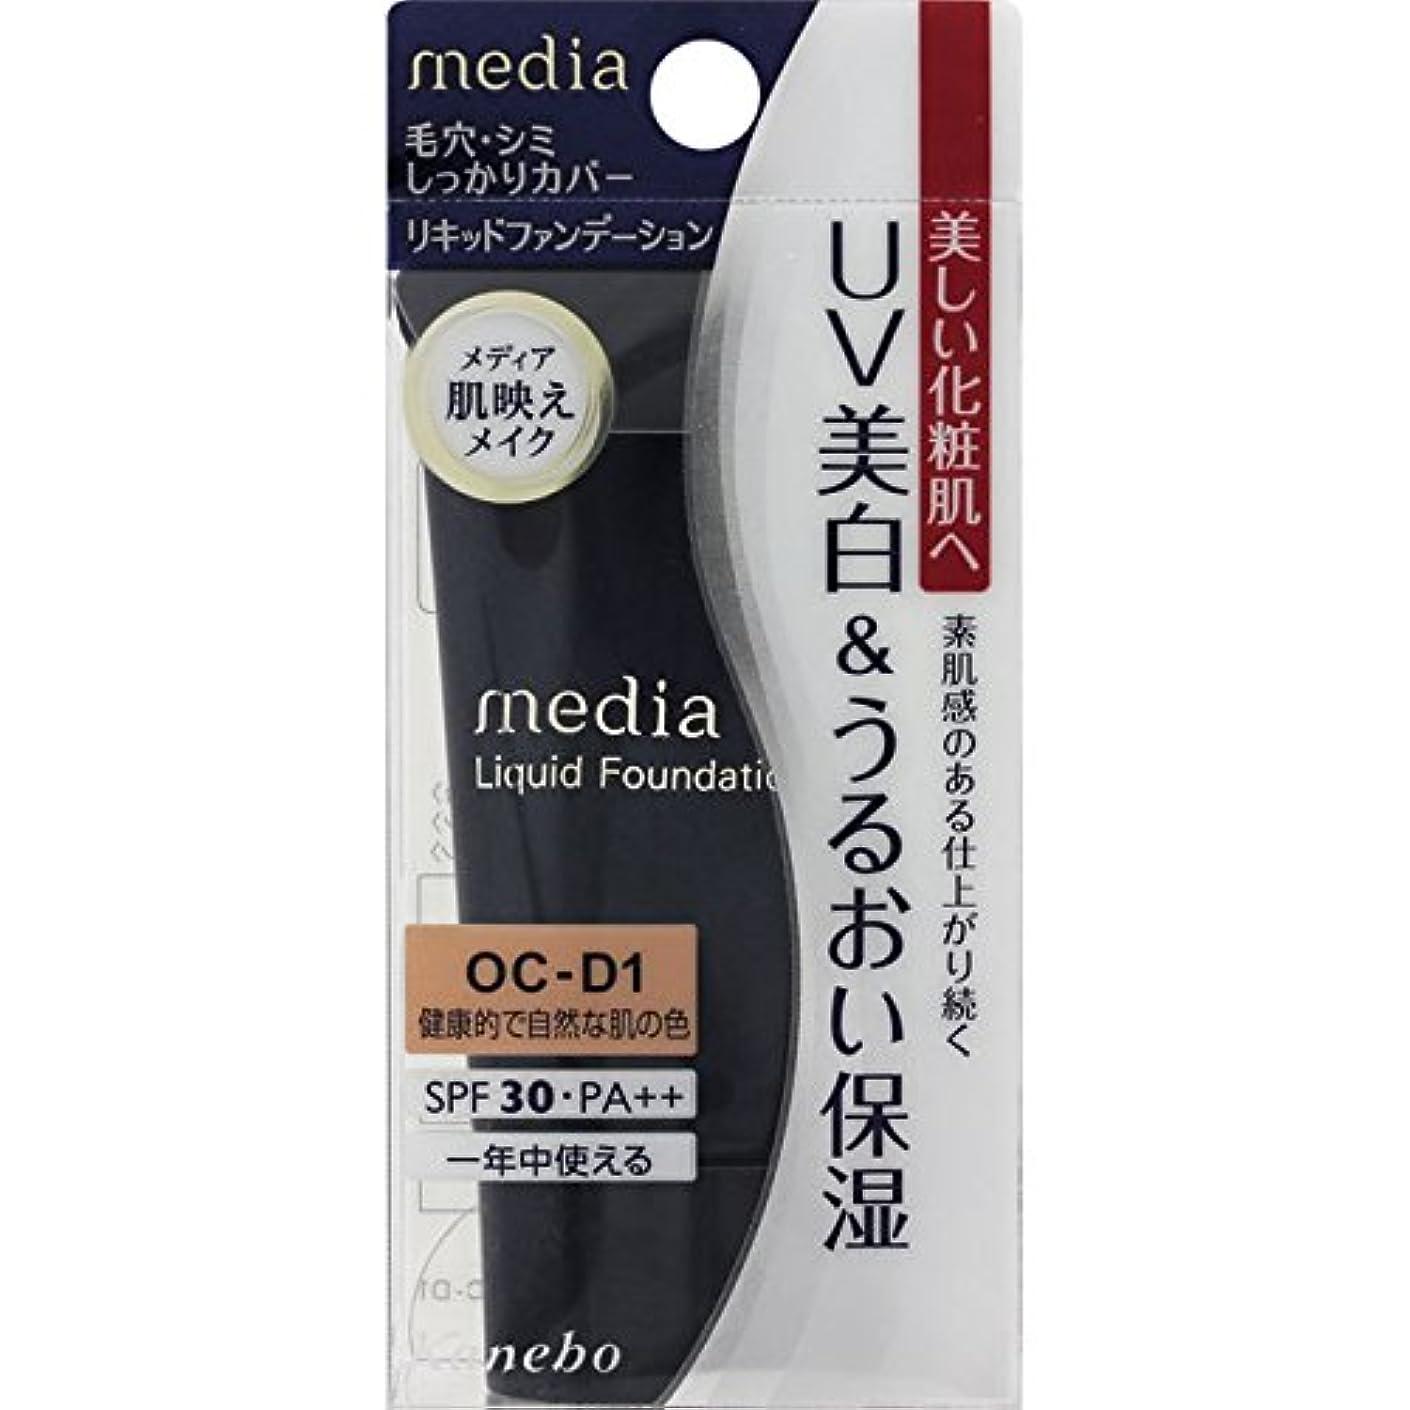 オーブン君主制ガスカネボウ メディア(media)リキッドファンデーションUV カラー:OC-D1